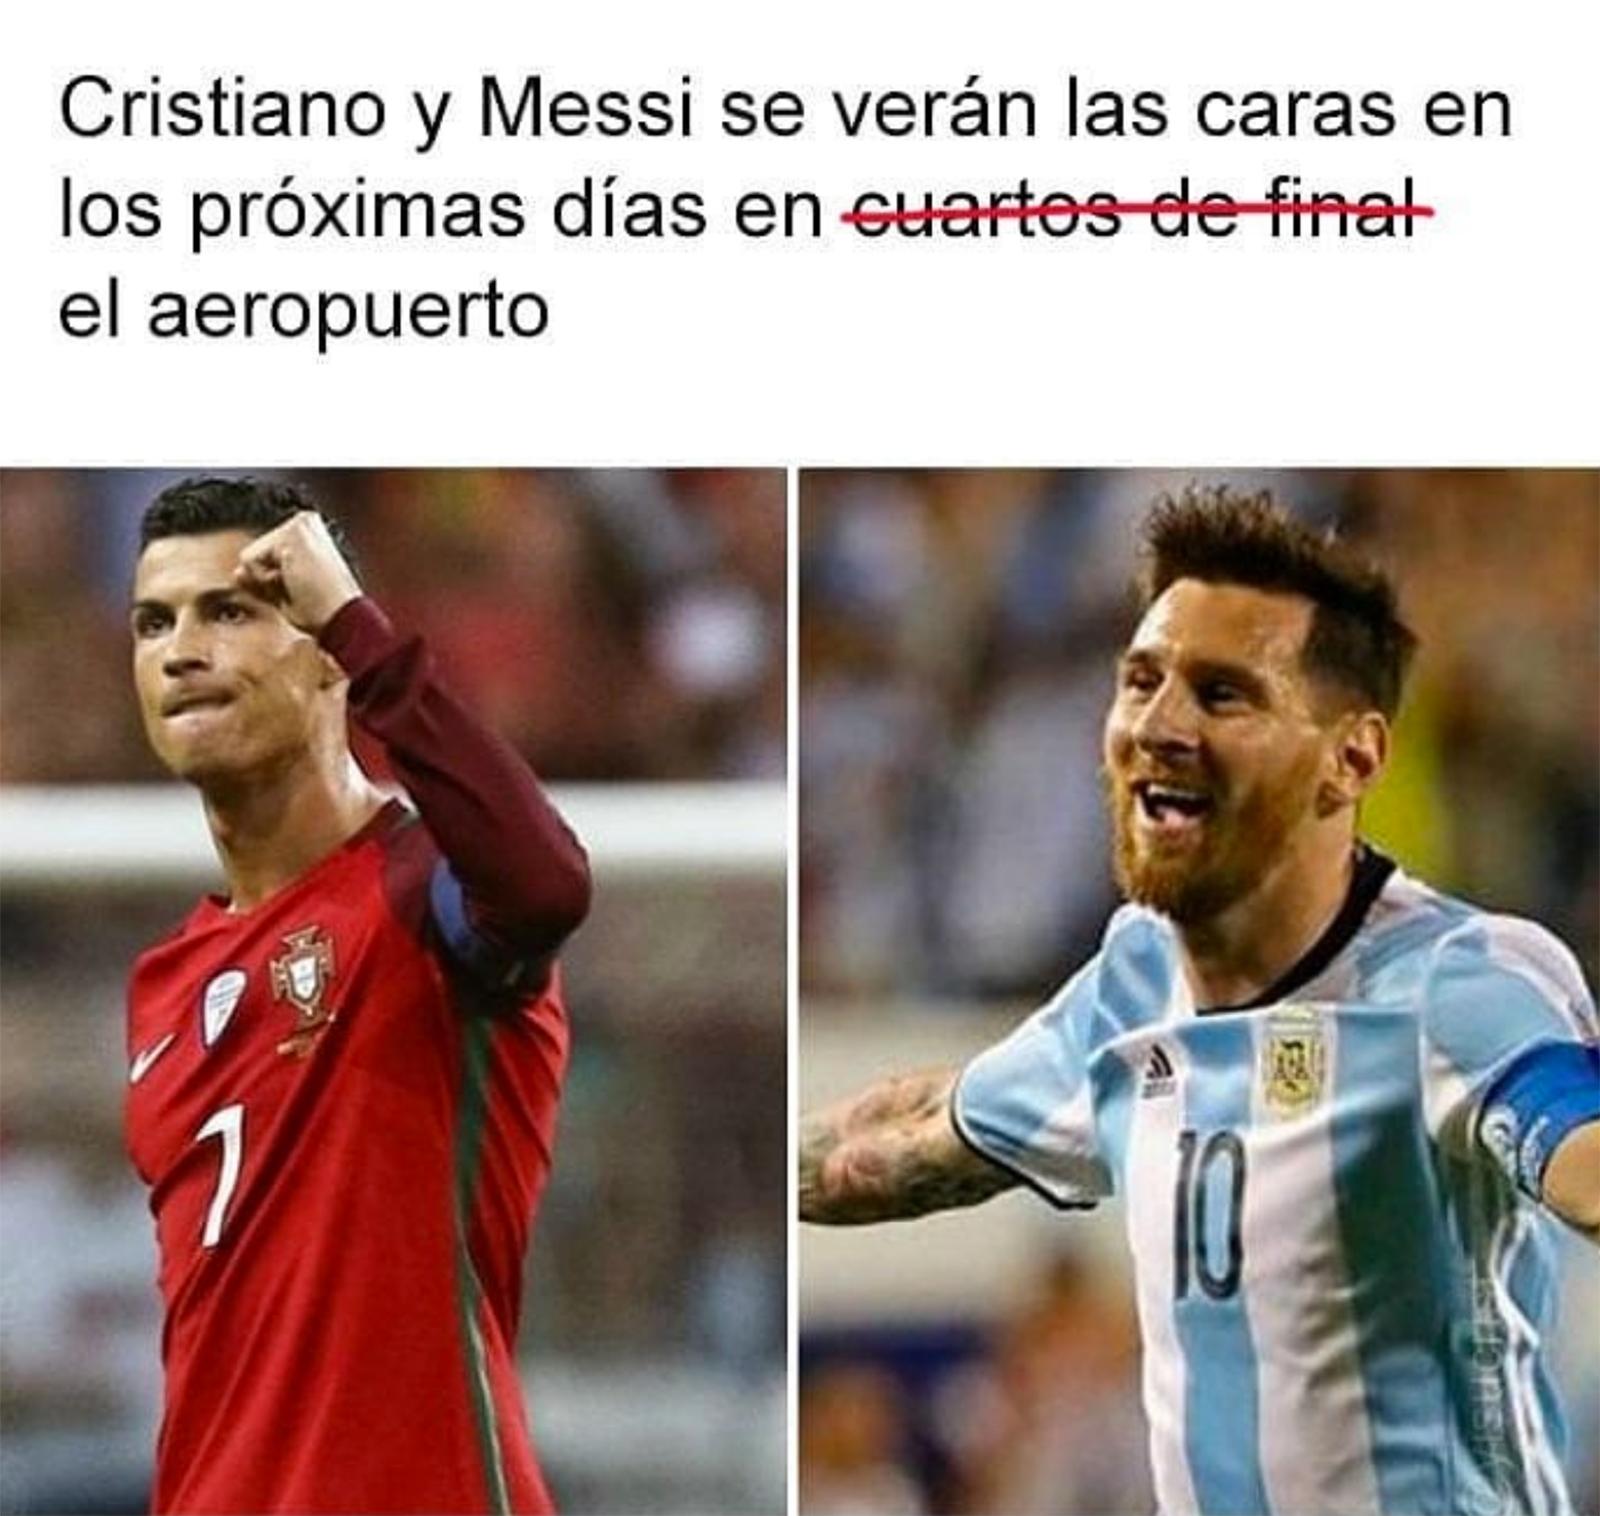 Memes de la eliminación de Ronaldo y Messi en el Mundial